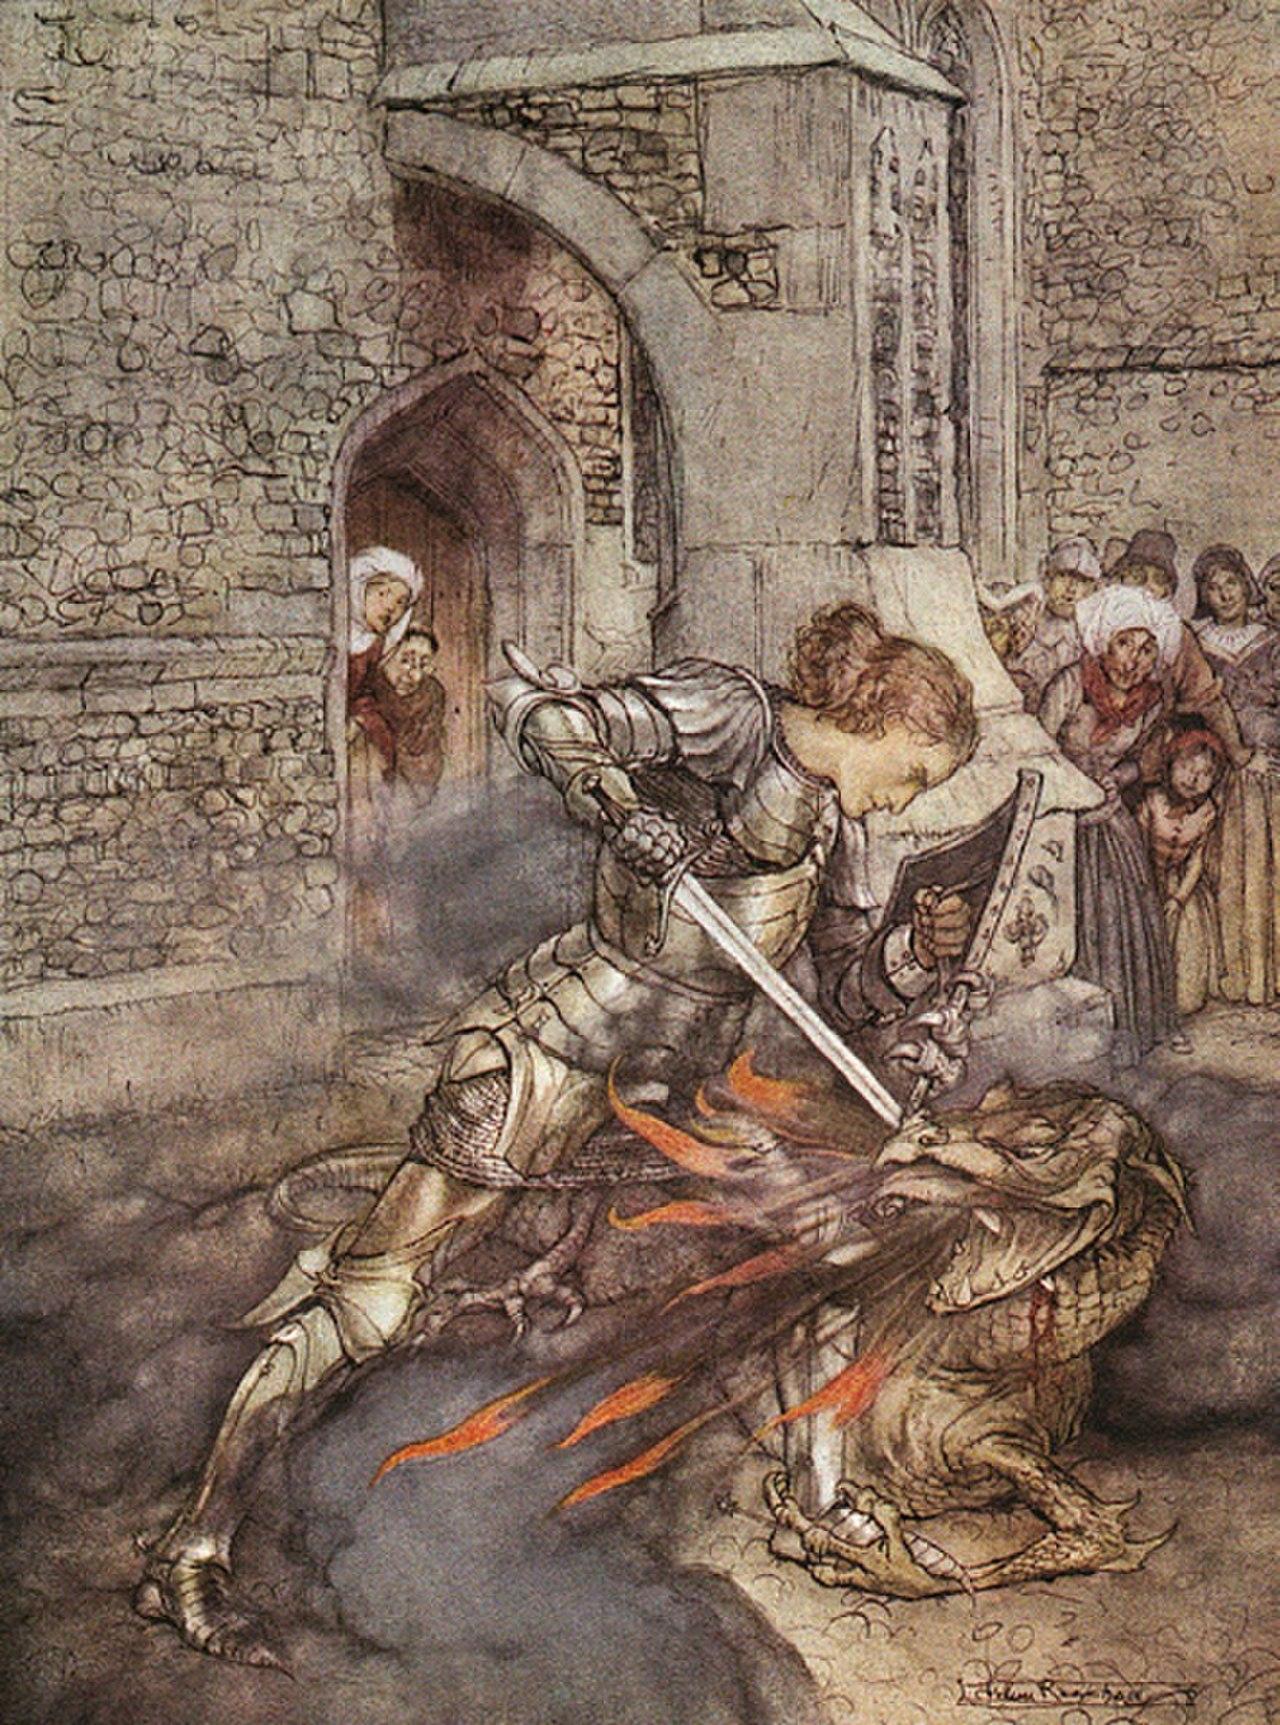 Lancelot slaying a dragon